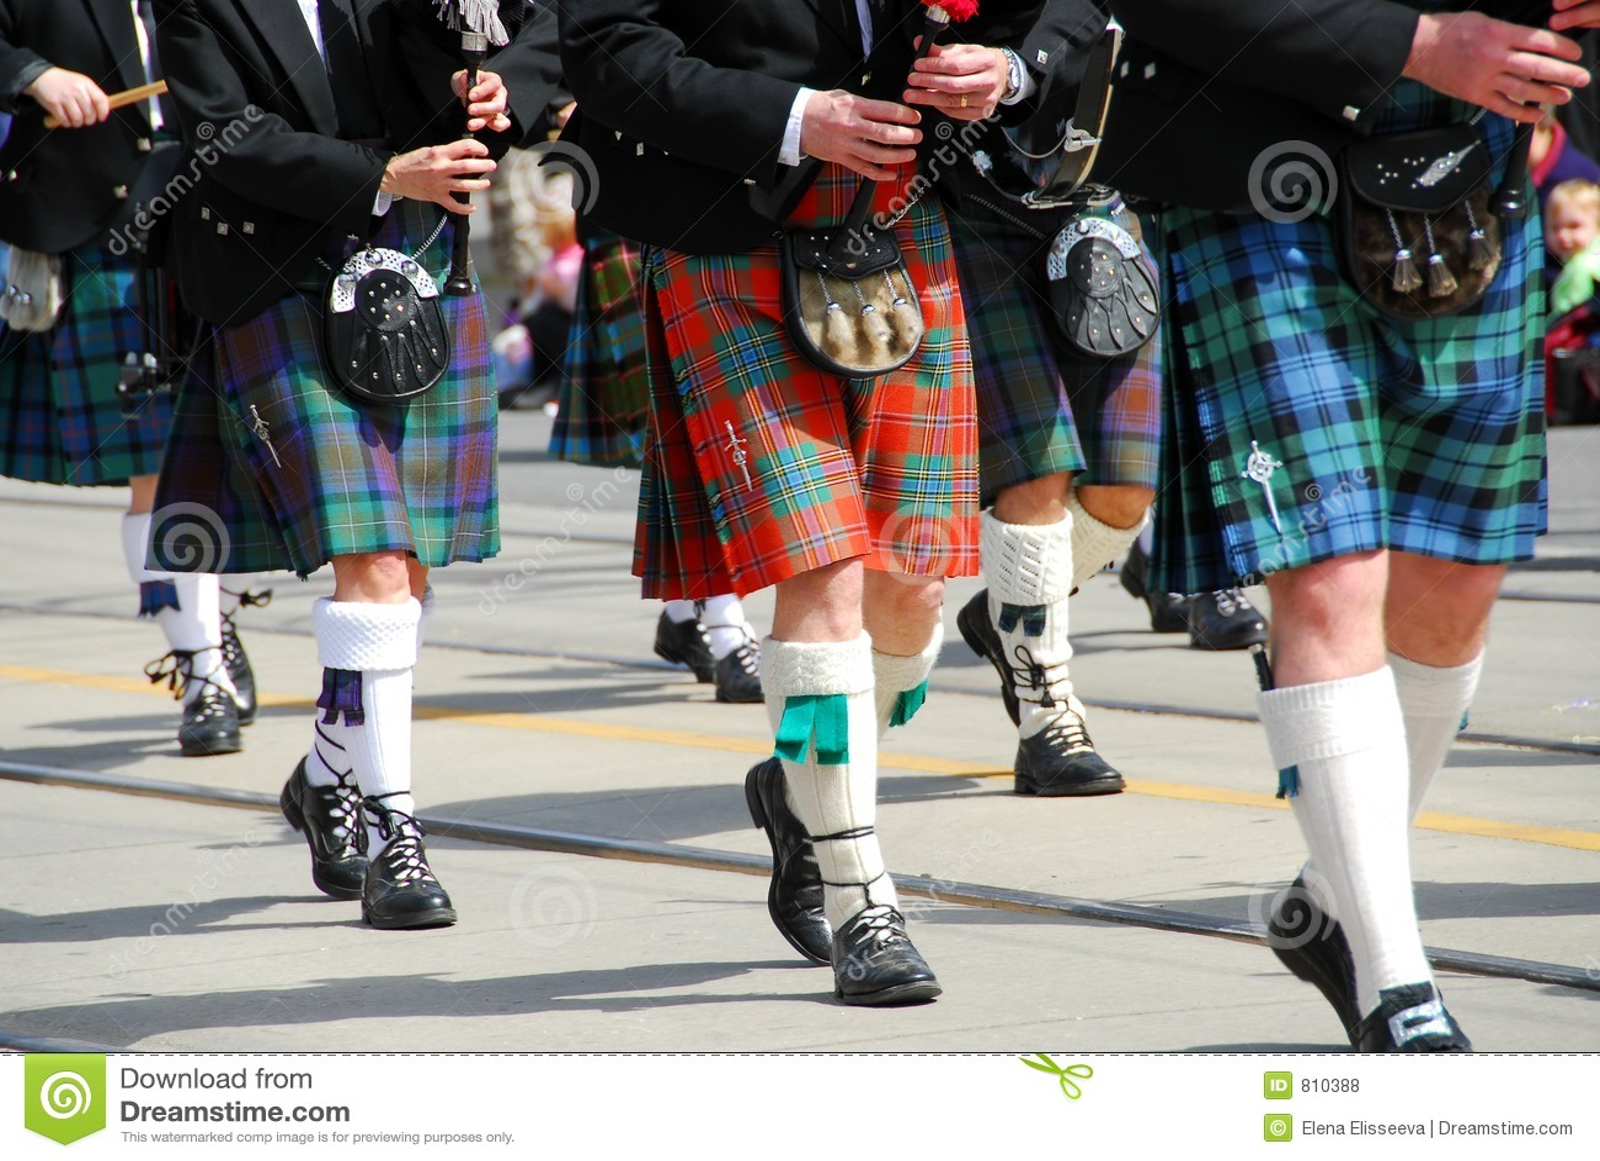 Schotse het marcheren band